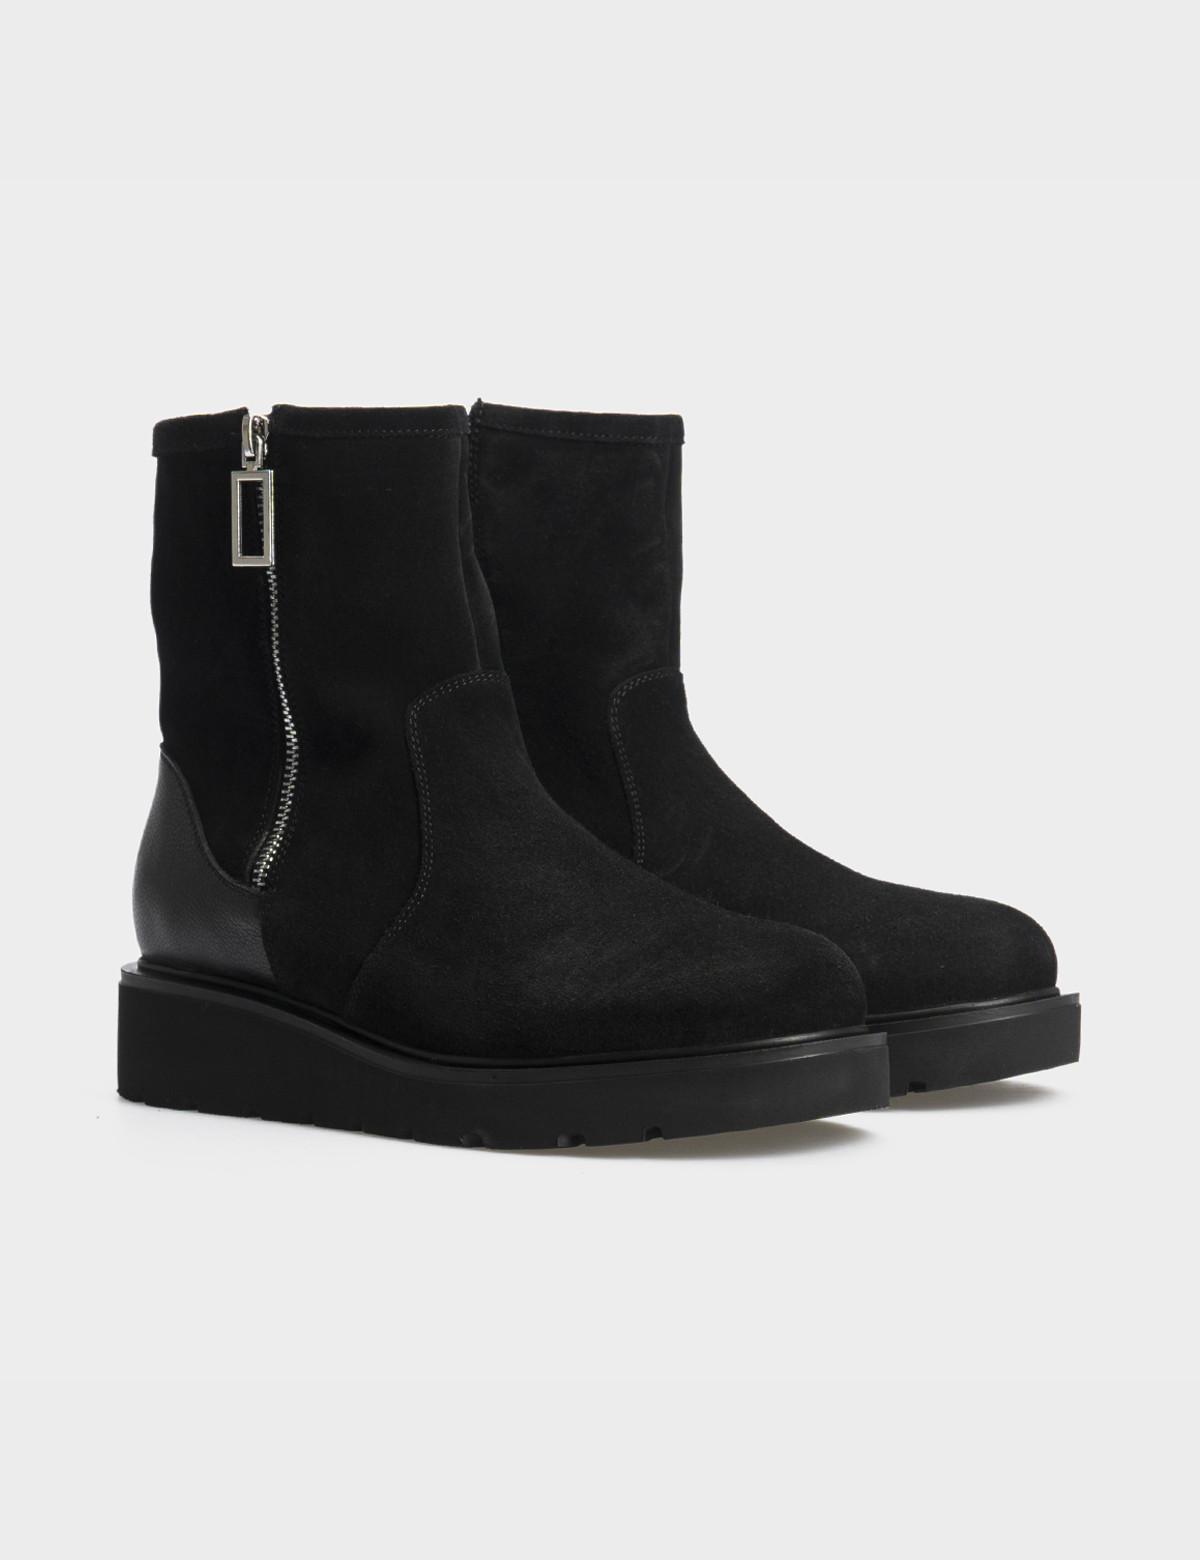 Ботинки черные натуральная замша/кожа. Шерсть1